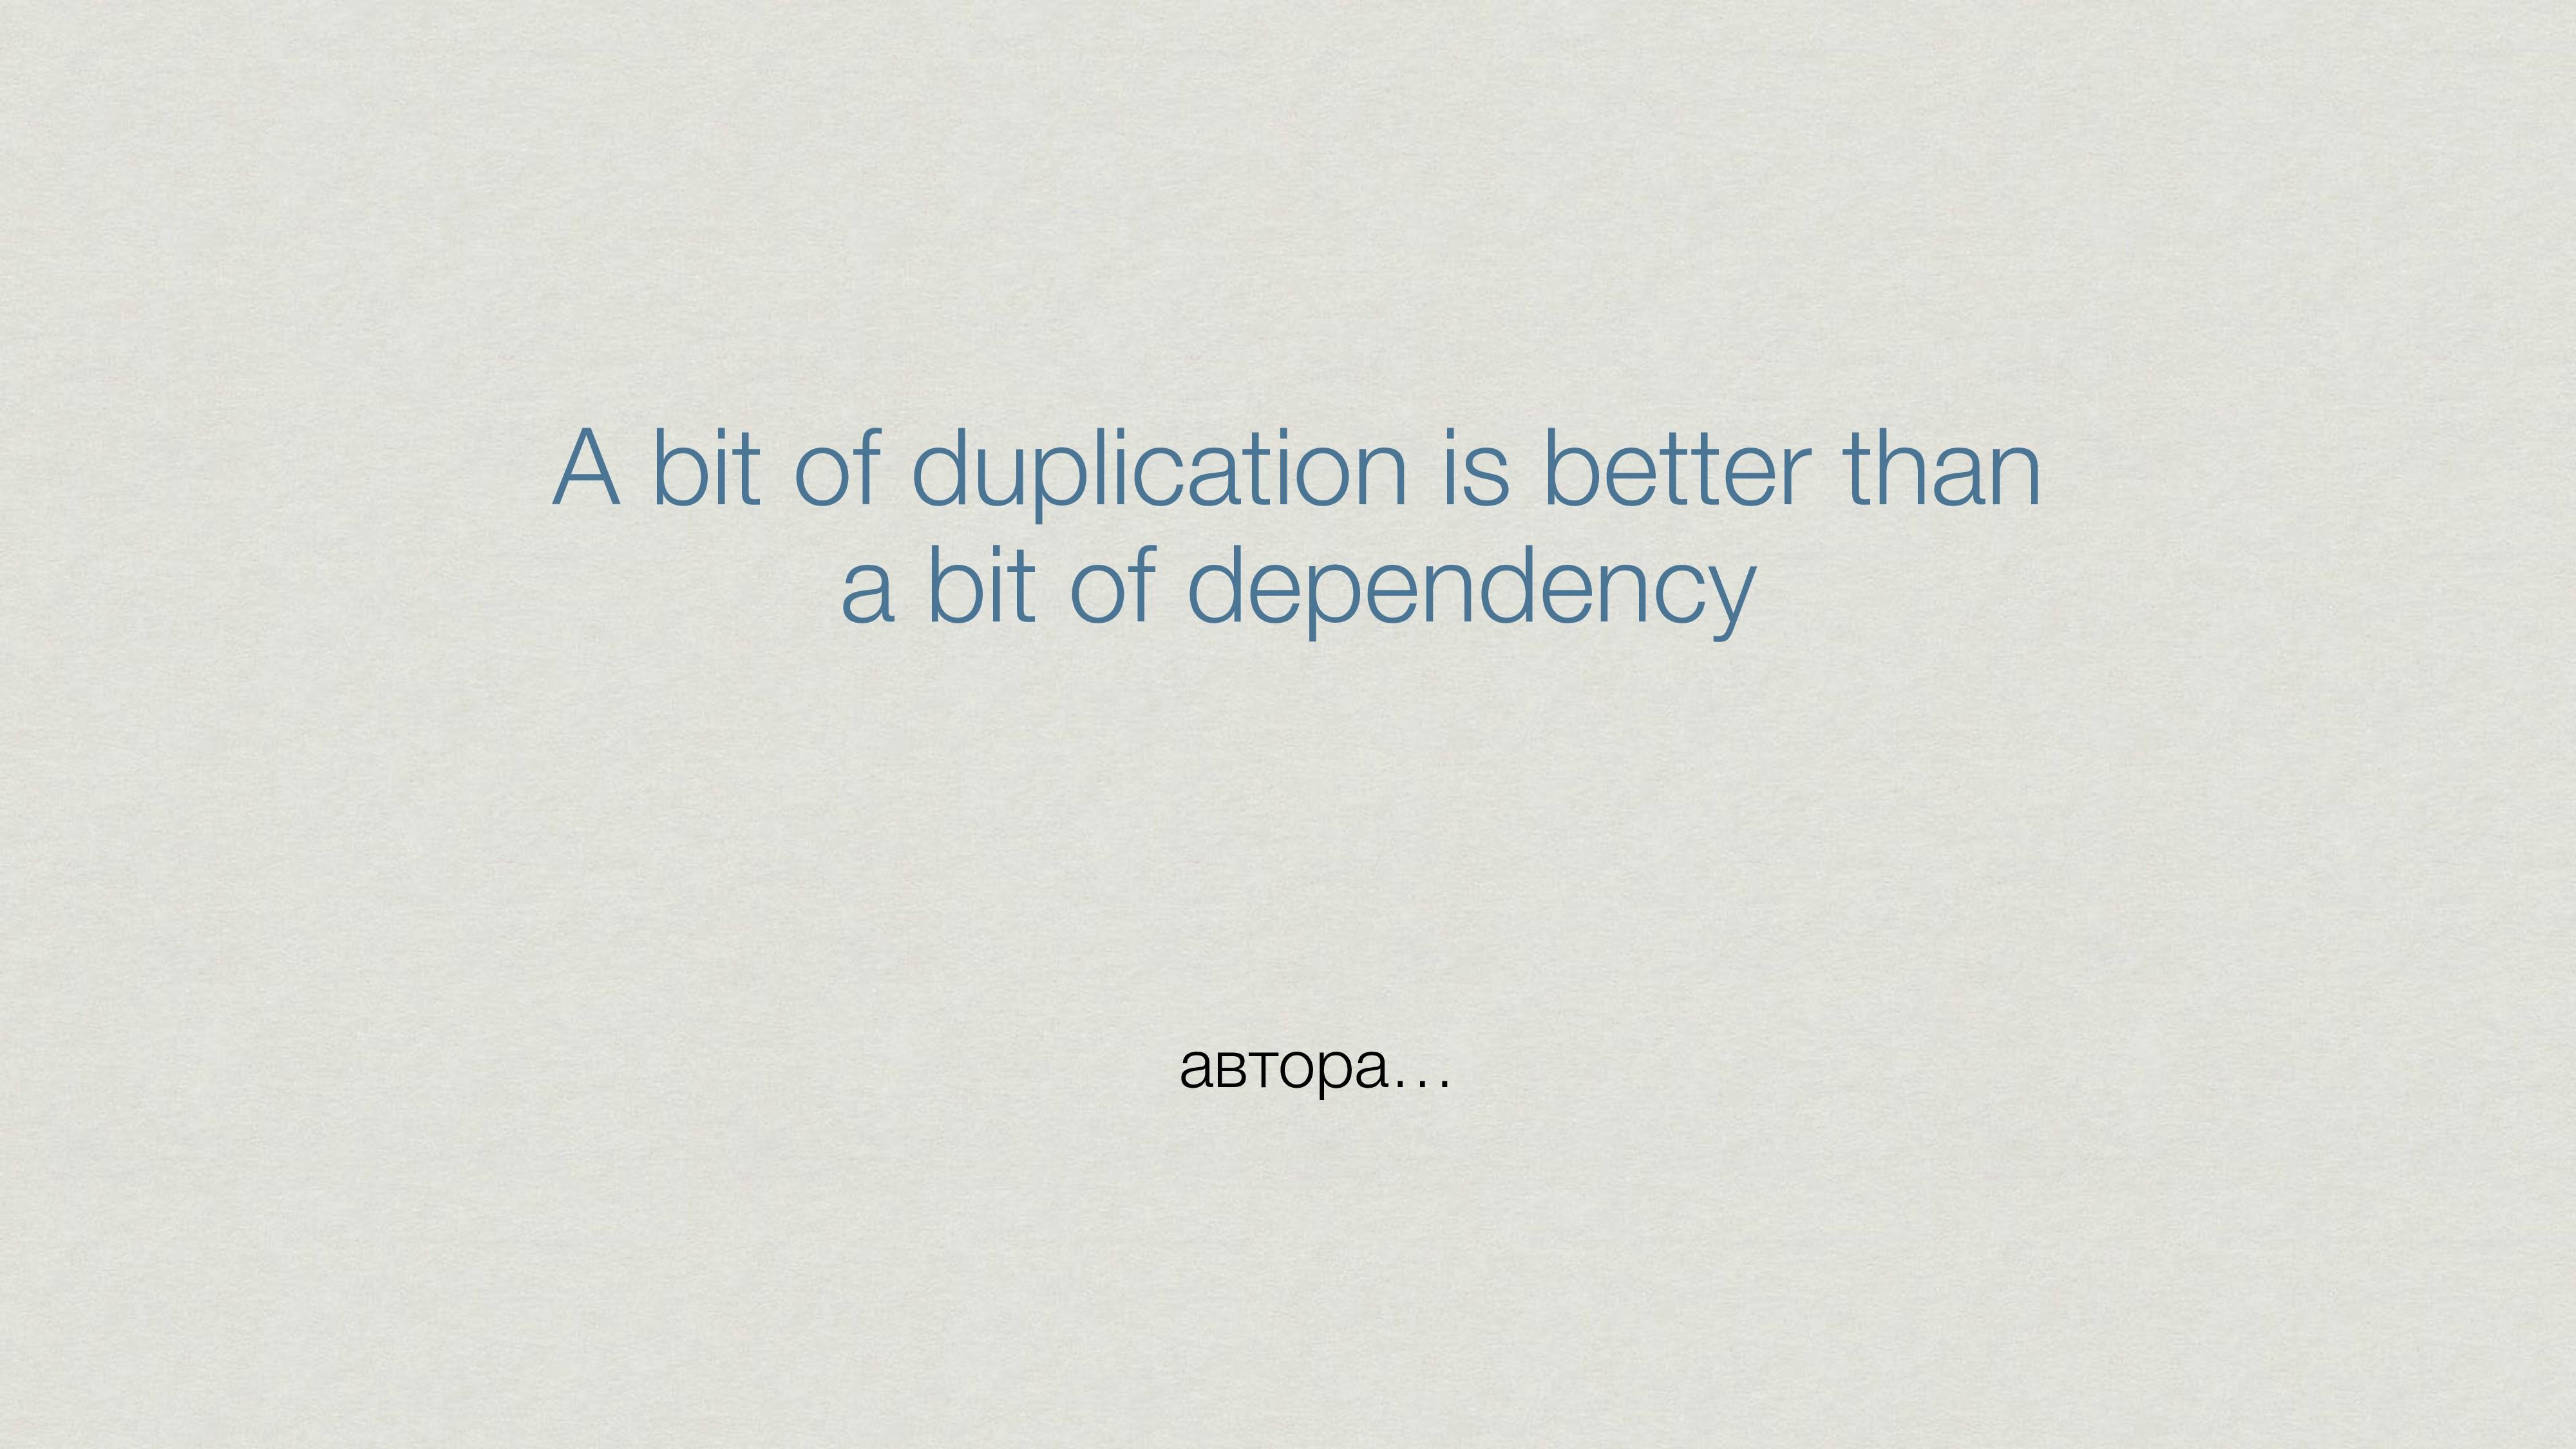 A bit of duplication is better than a bit of de...